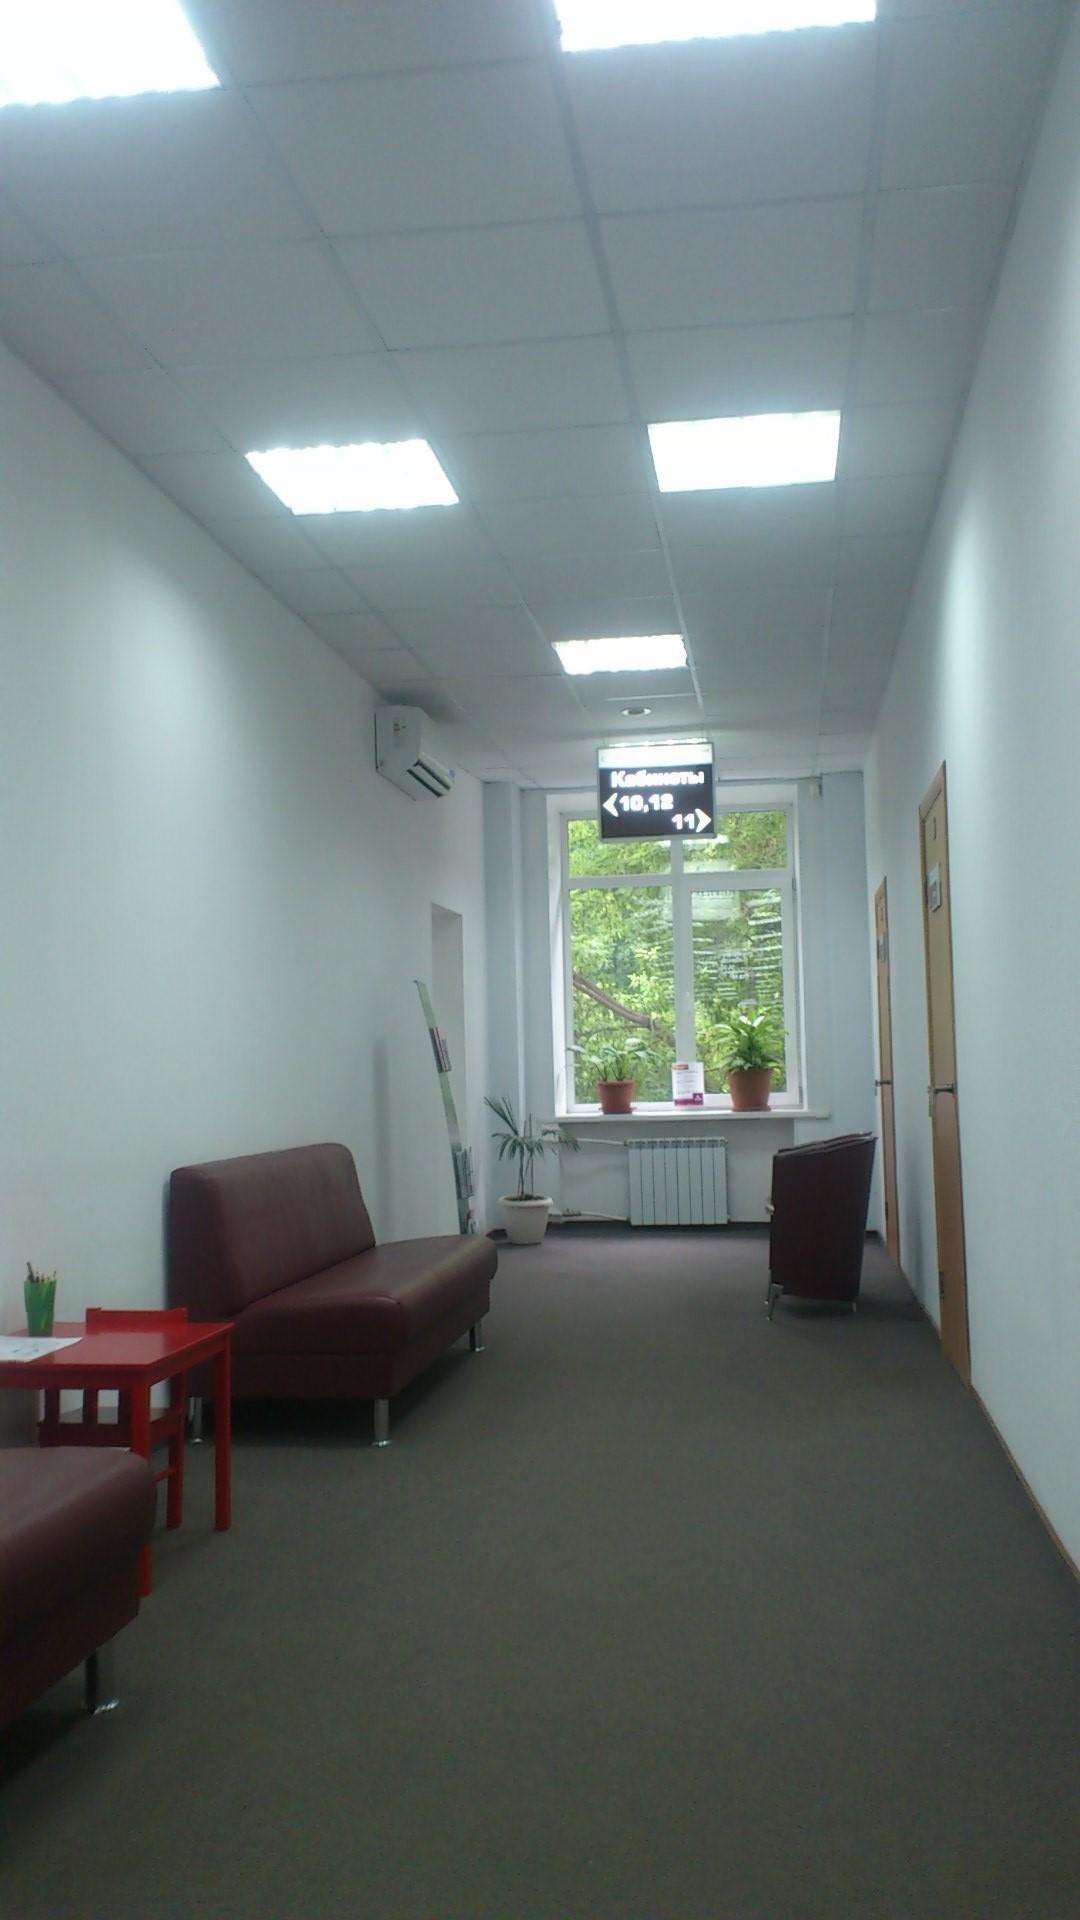 Больница им ваныкина тула официальный сайт врачи